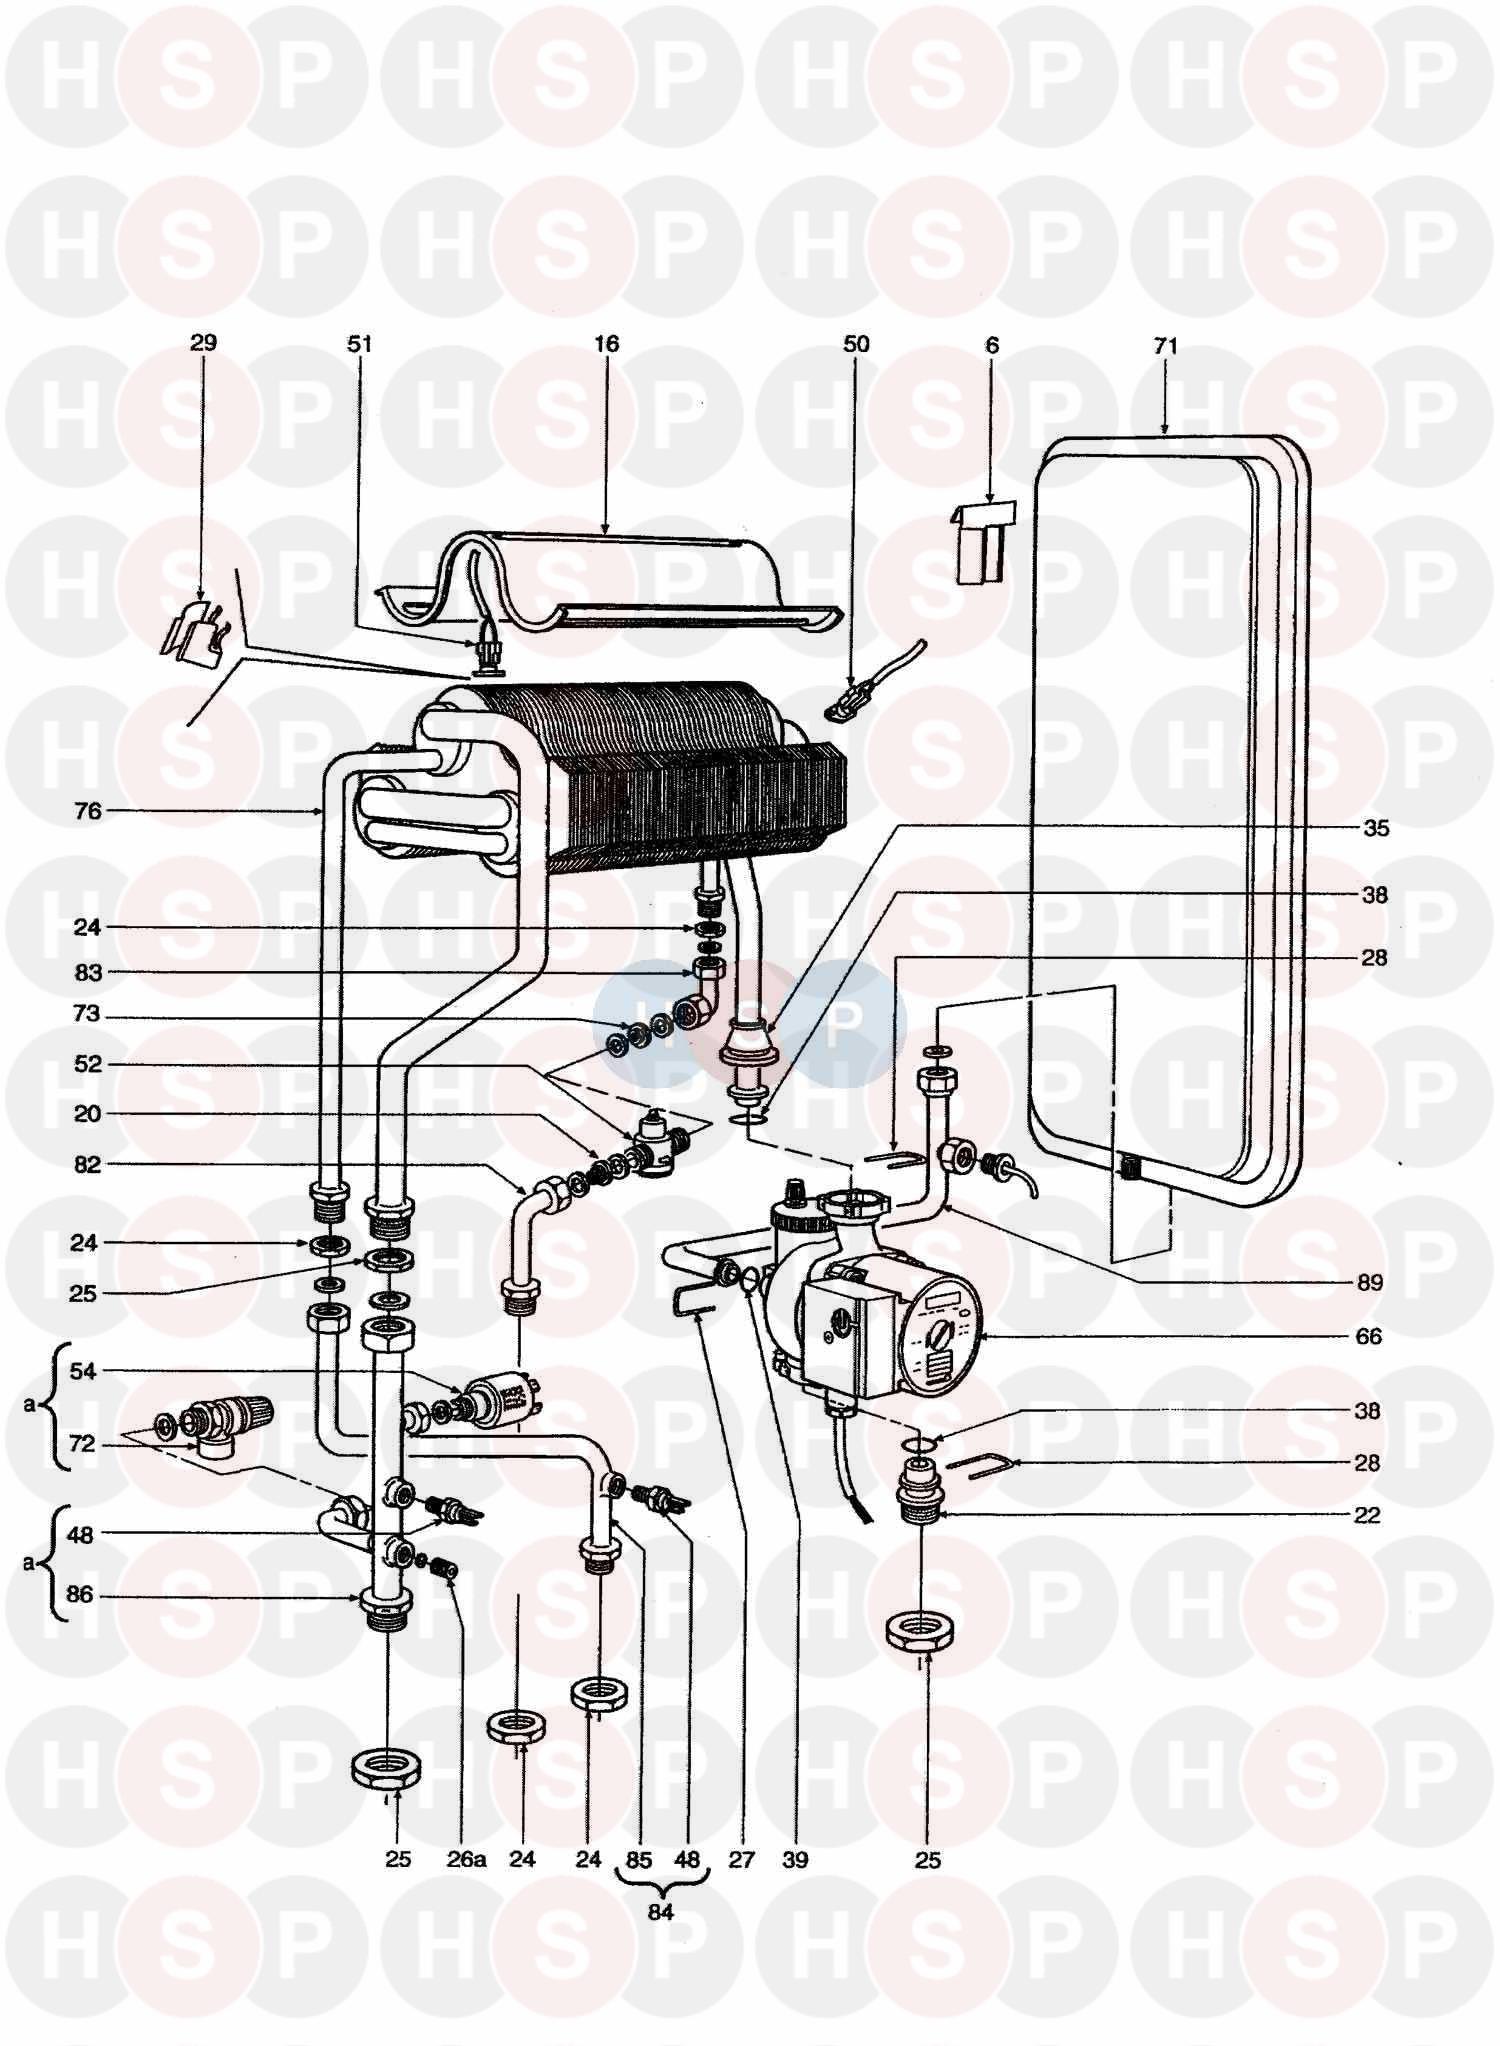 Ferroli MODENA 80E MF03 Appliance Diagram (HEAT EXCHANGER